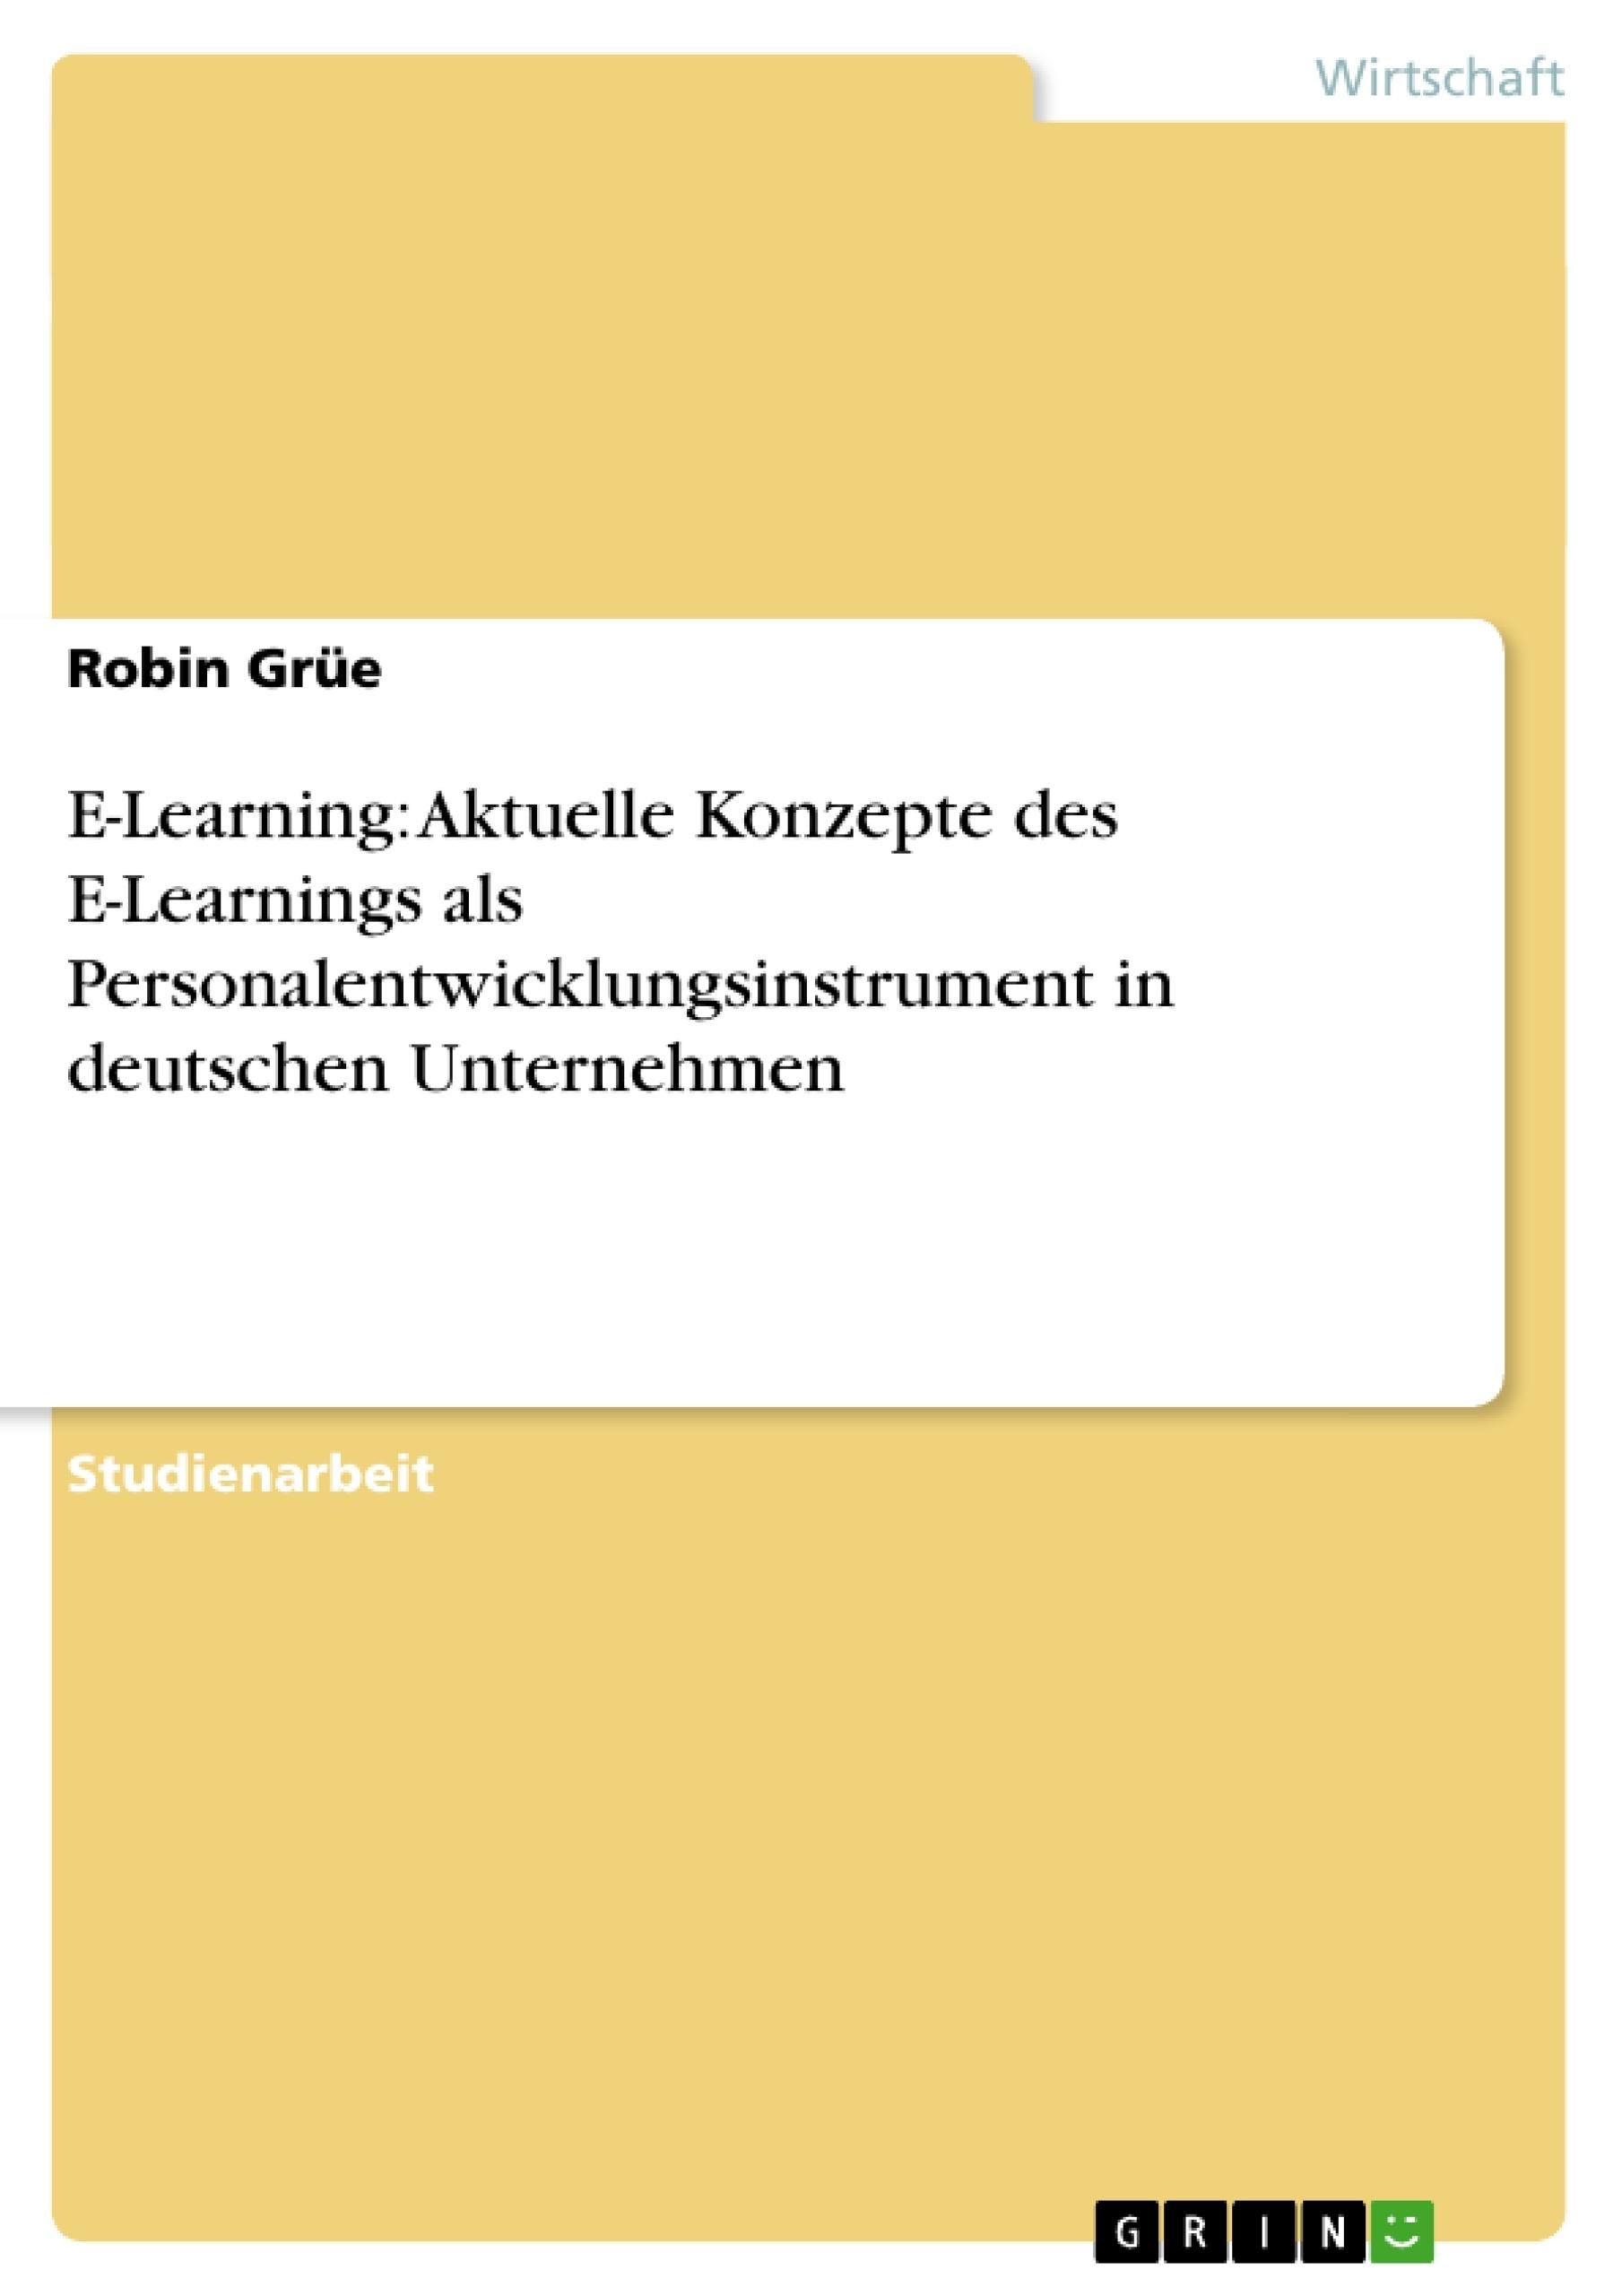 Titel: E-Learning: Aktuelle Konzepte des E-Learnings als Personalentwicklungsinstrument in deutschen Unternehmen